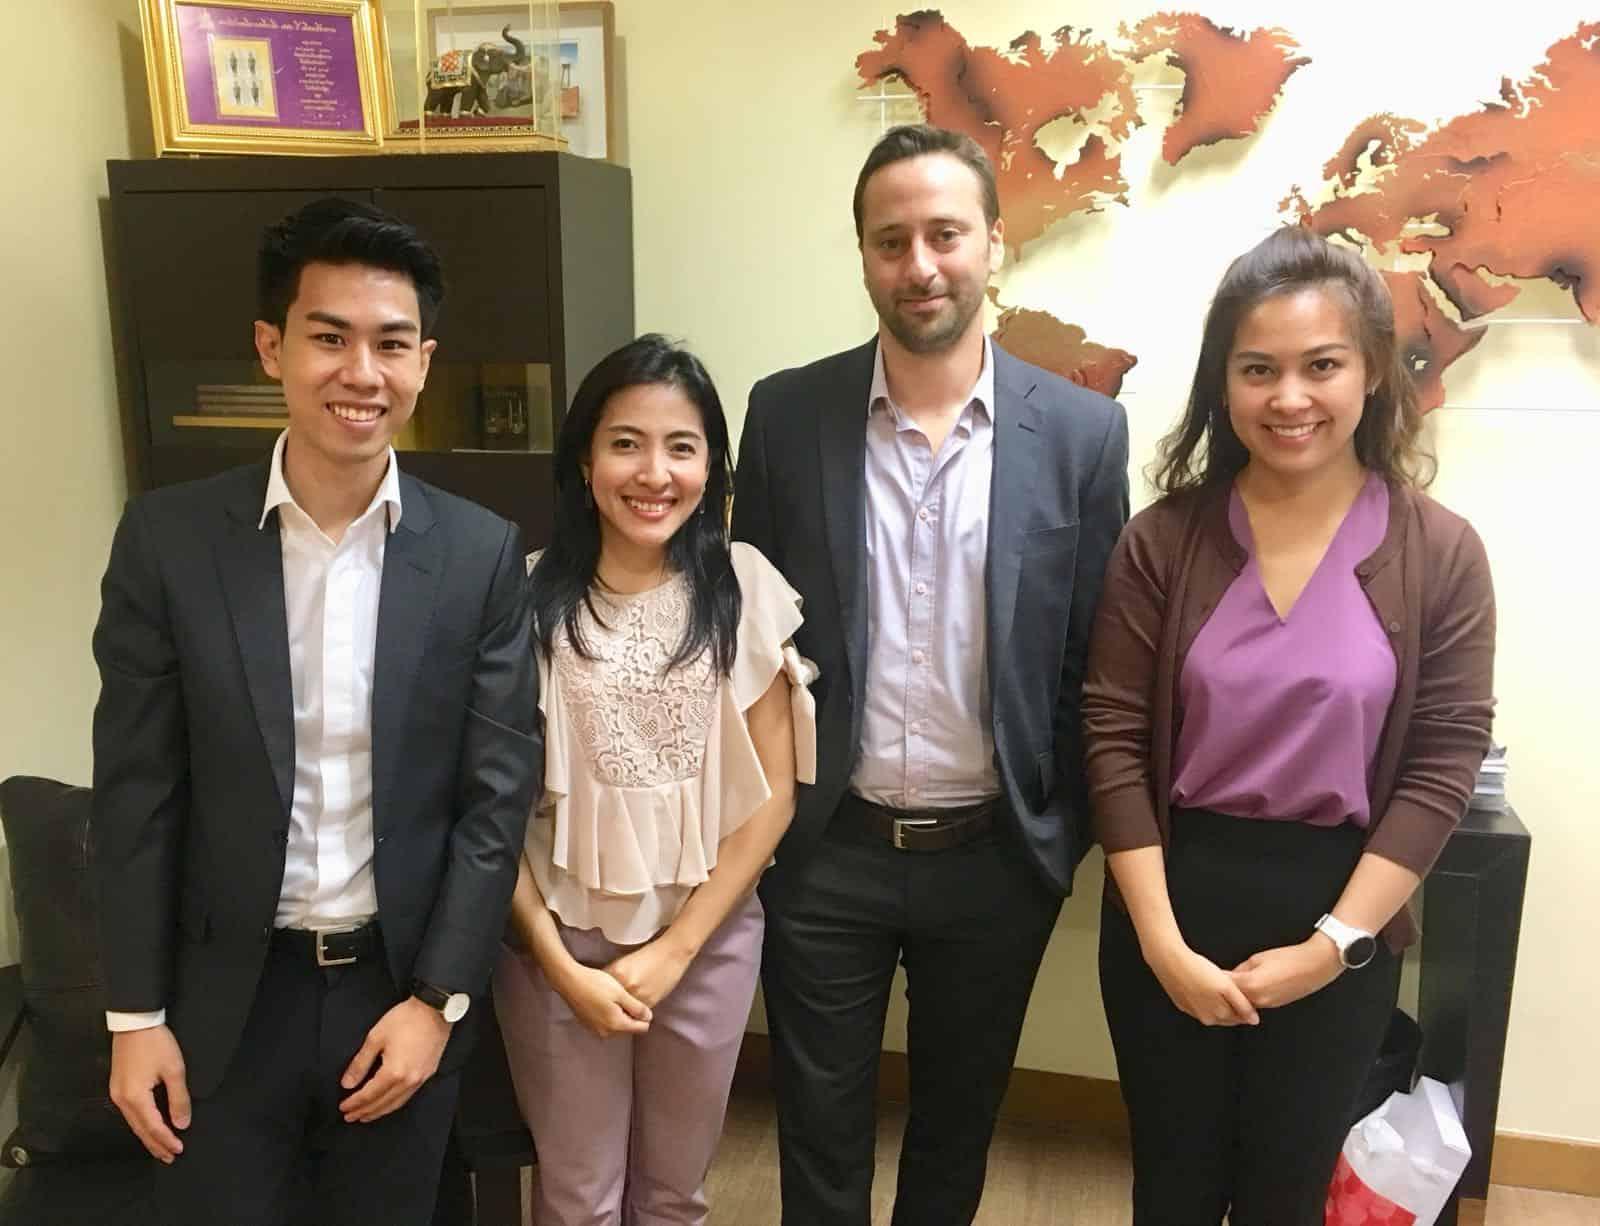 צוות הנציגות הכלכלית בבנקוק, תאילנד